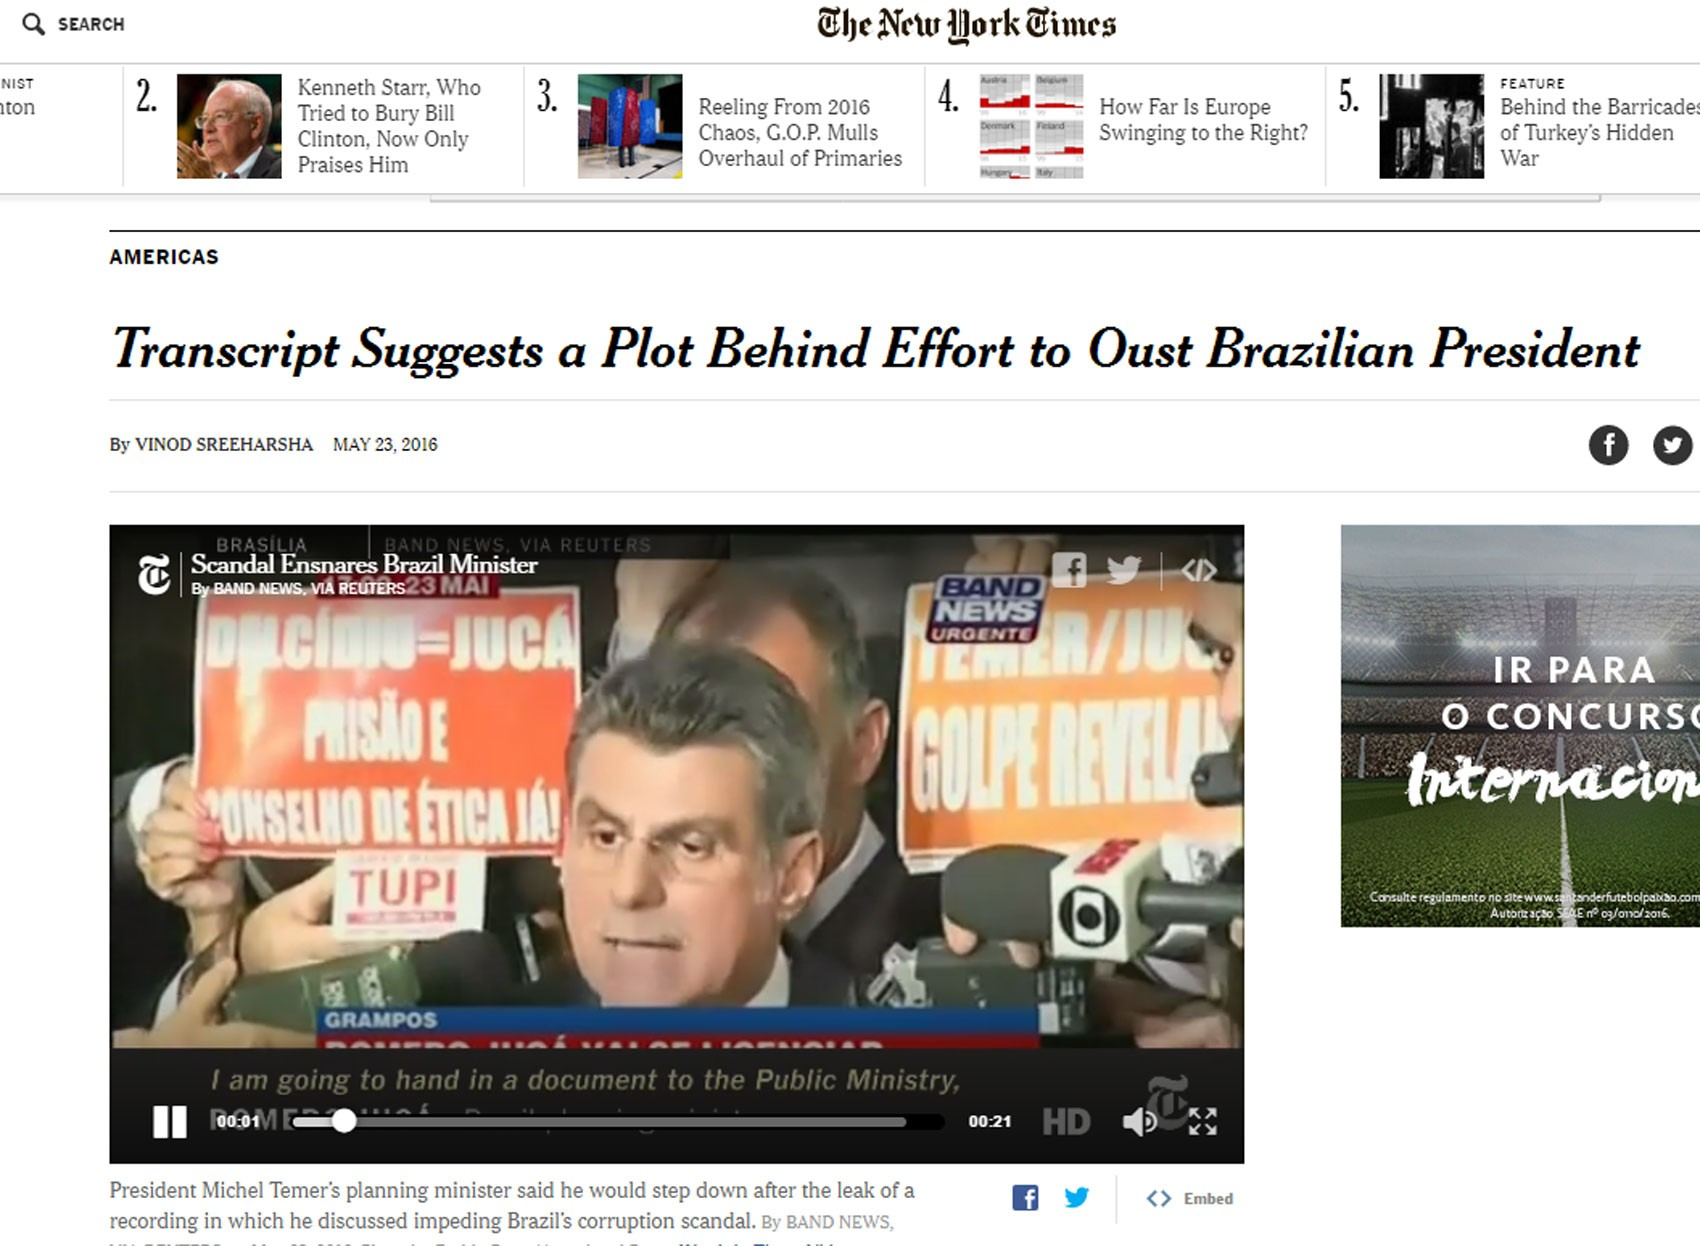 Caso também foi notícia no 'New York Times' (Foto: Reprodução/The New York times)